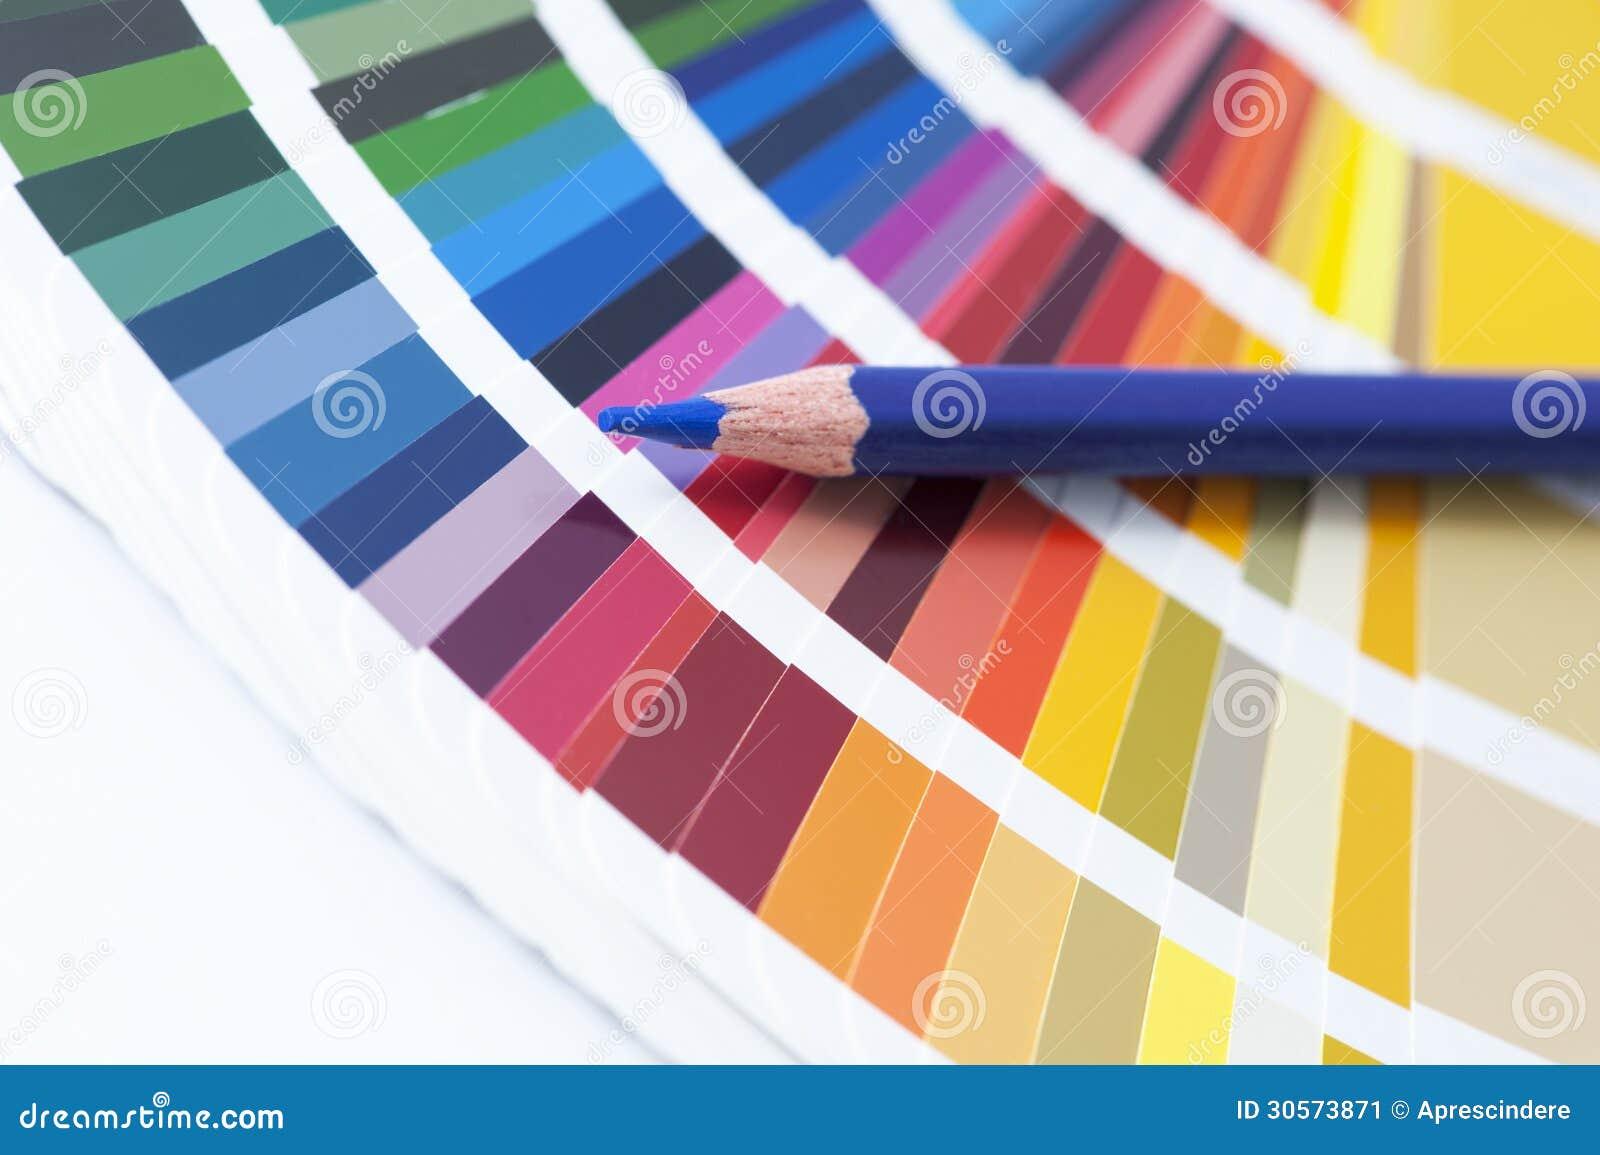 choix de la couleur du spectre image stock - image du livre